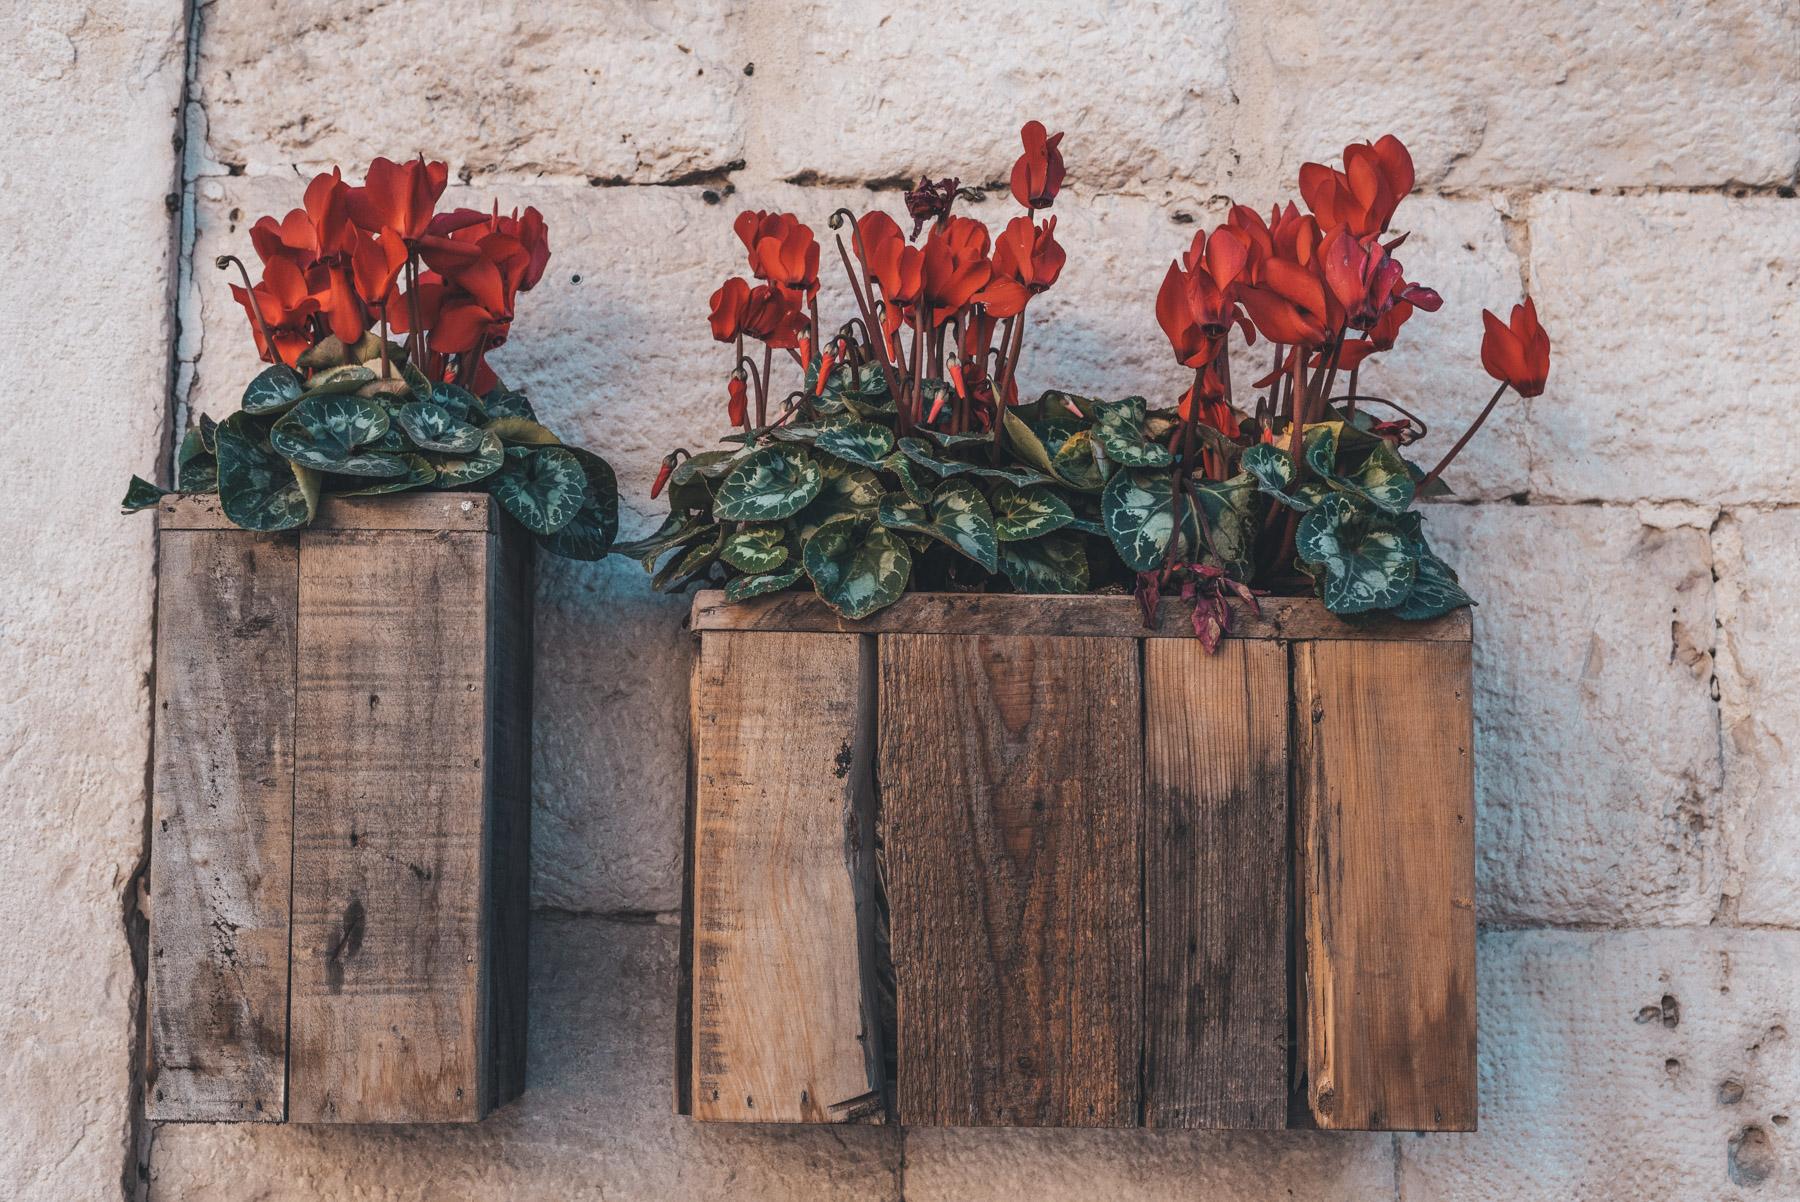 Red flowers in a woody vases on a wall in Barletta, Apulia, fiori rossi in vasi di legno su un muro a barletta, Puglia